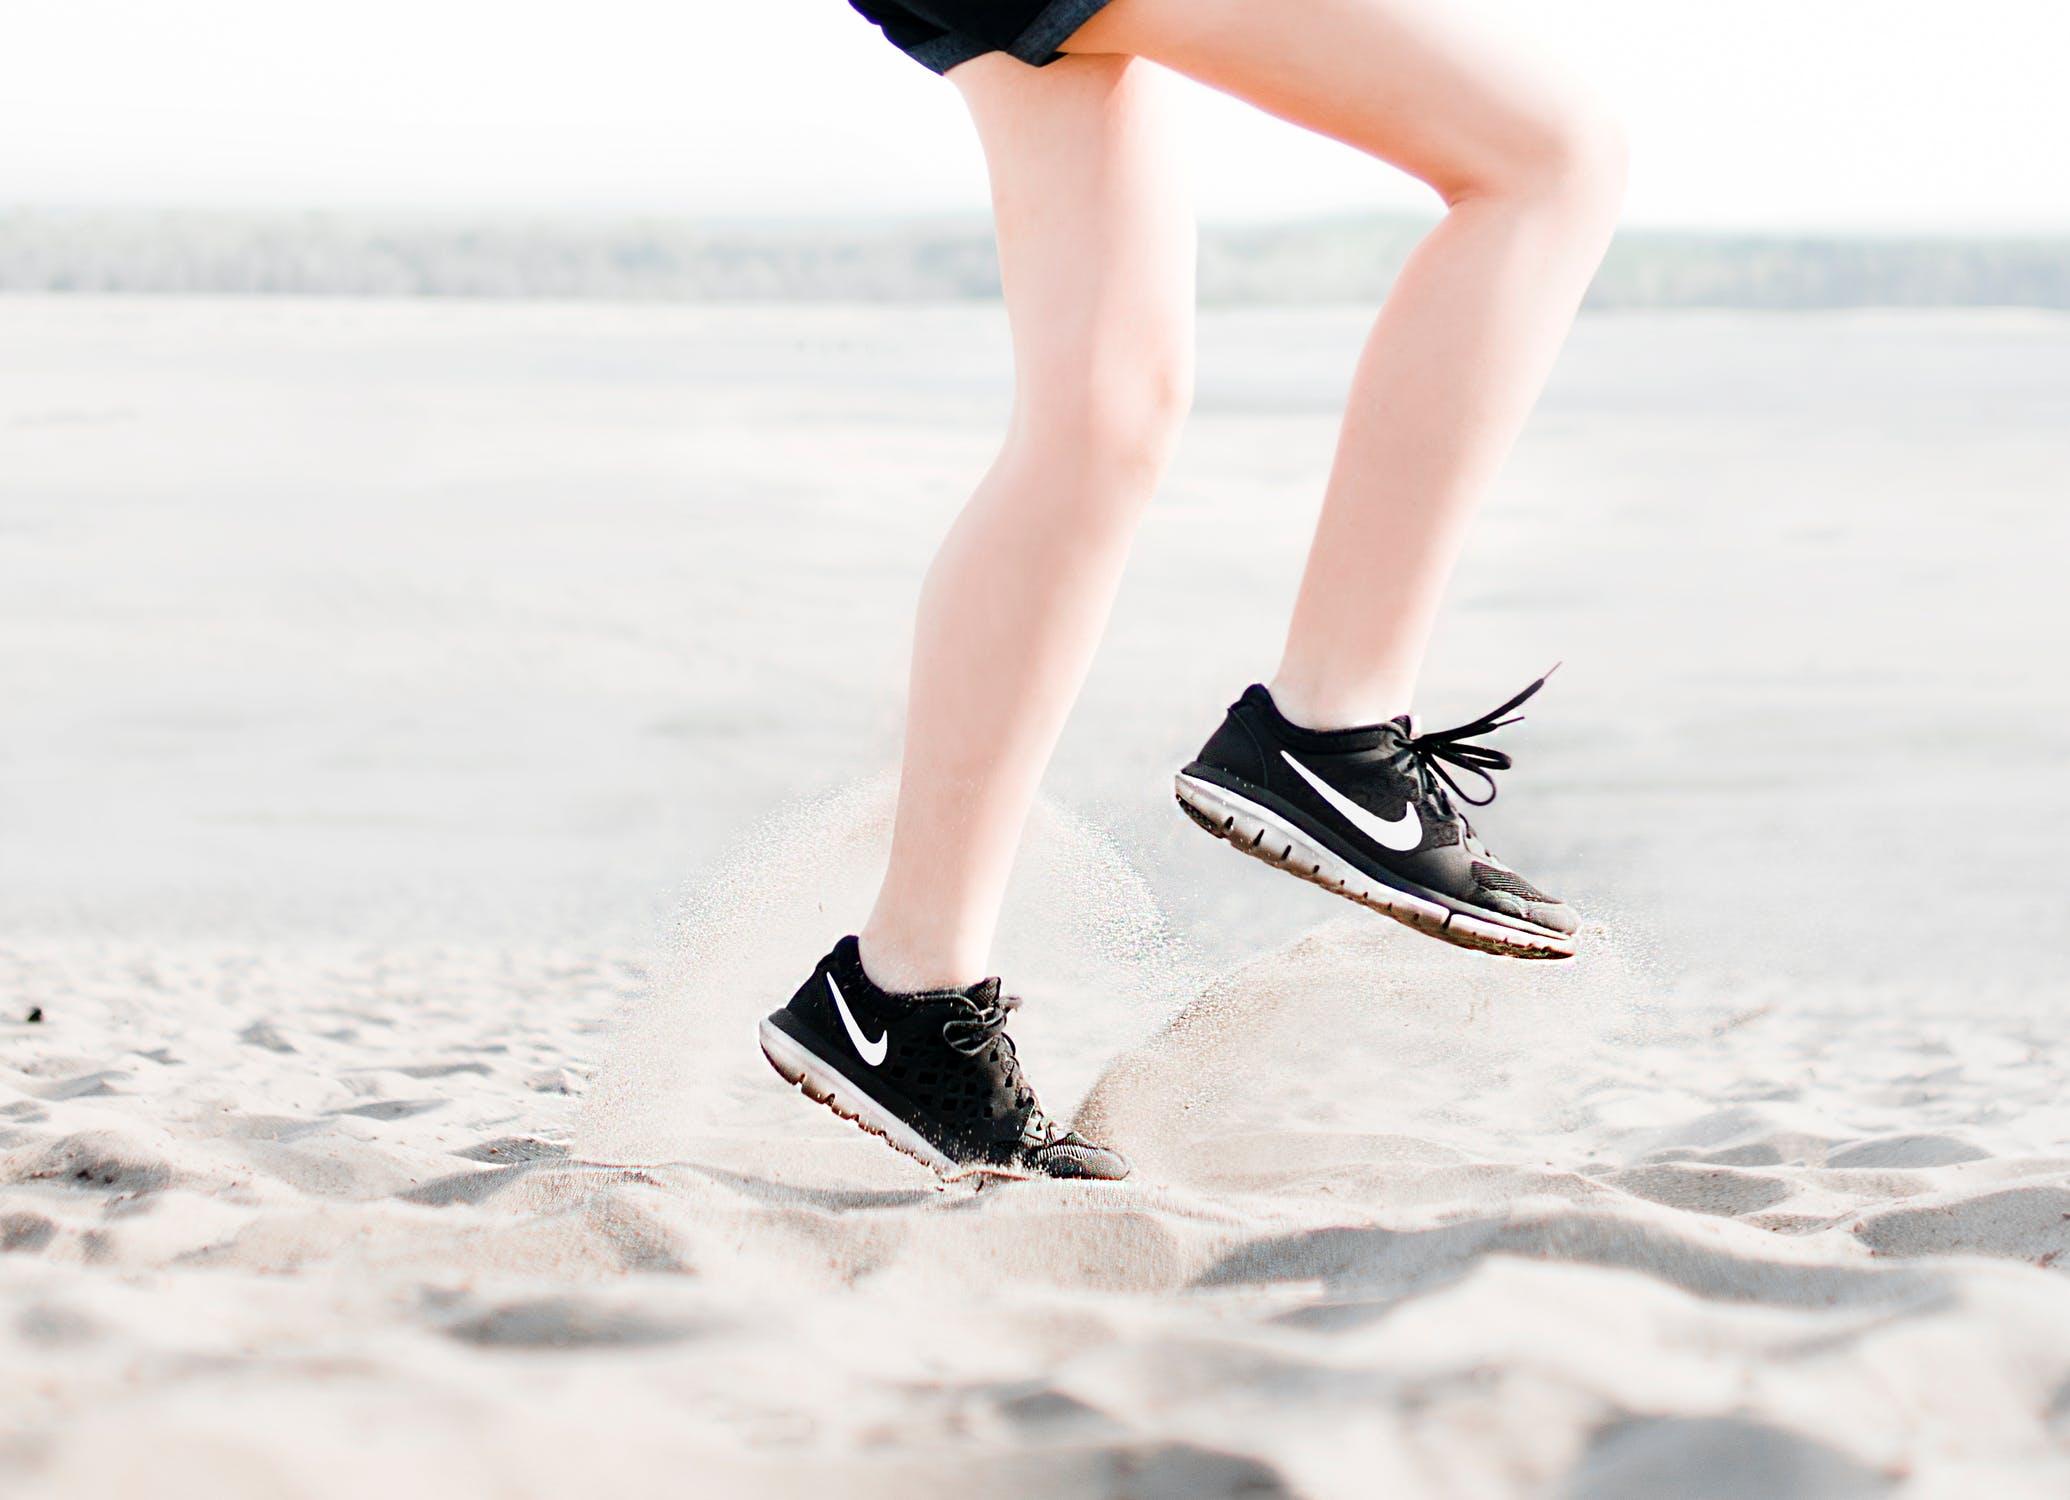 נעלי ספורט לנשים: מה חשוב לקחת בחשבון?